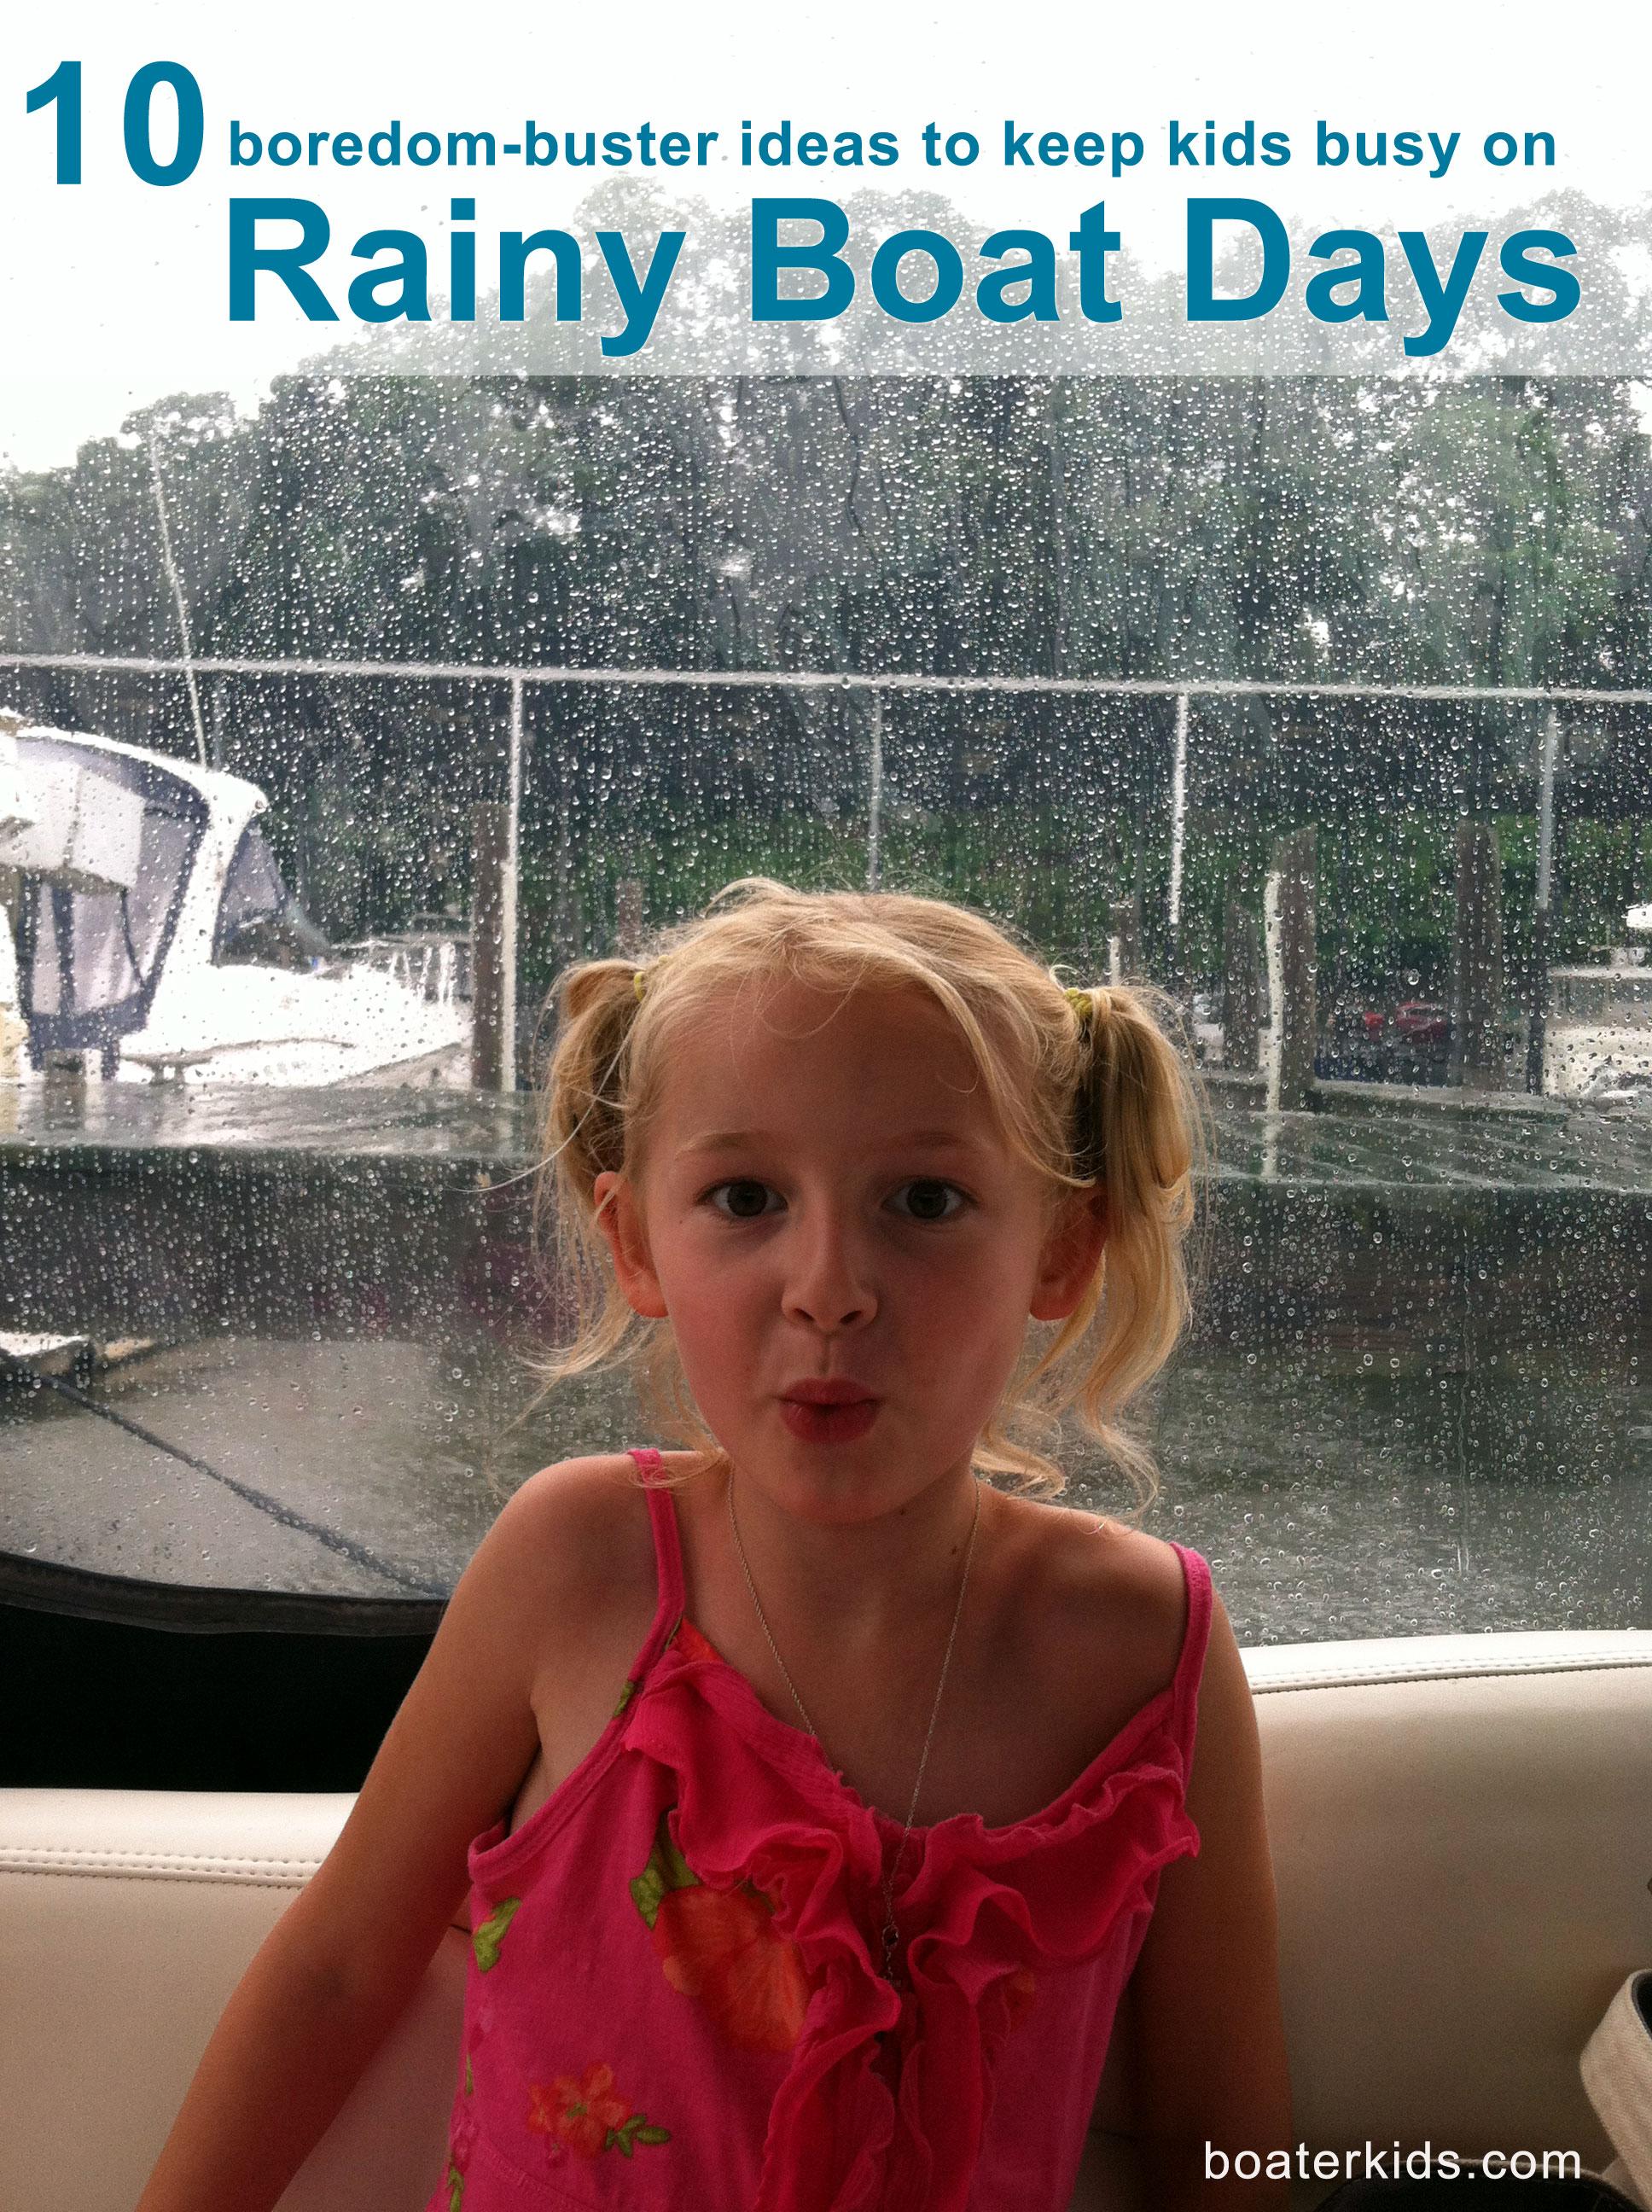 rainy boat day activities